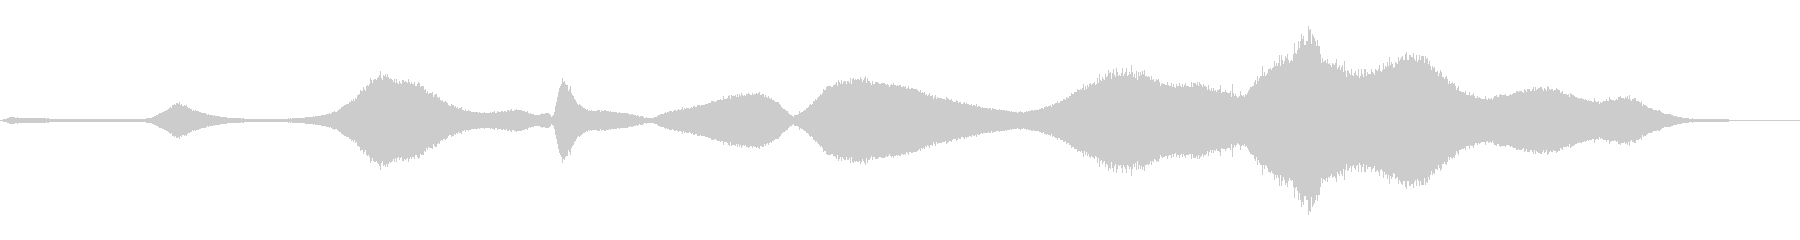 電磁干渉の未再生の波形